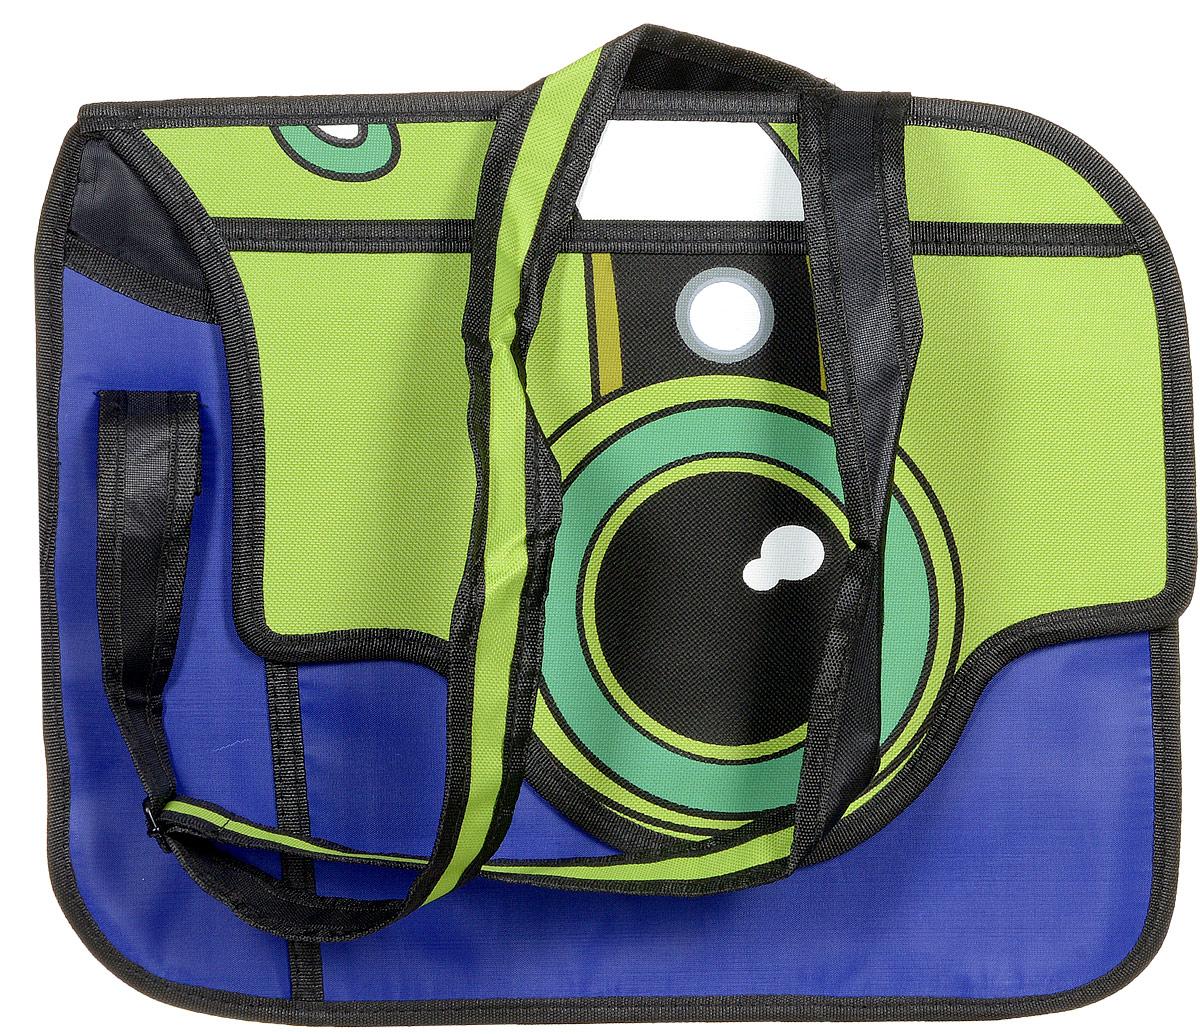 Сумка 3D Kawaii Factory Фотоаппарат, цвет: сине-зеленый. KW100-000122KW100-000122Позвольте себе поозорничать, появившись на улице с мультяшной сумкой Фотоаппарат от Kawaii Factory. Эта забавная сумка точно привлечет к вам взгляды окружающих, а вам она обеспечит прекрасное настроение в любую непогоду. Ведь ее сине-зеленая расцветка так напоминает яркие сочные краски лета. А объектив фотоаппарата навевает мысль о фантастических путешествиях в загадочные страны, где точно найдется, что пофотографировать. 3D сумка в виде фотоаппарата очень вместительная. В ней легко спрячутся все столь нужные мелочи, без которых современная девушка не выйдет из дома. Да и настоящий фотоаппарат в нее можно положить без проблем. Эта сумочка не боится дождя и снега, так как выполнена из прекрасного качественного нейлона, не пропускающего влагу. Закрывается изделие клапаном на магнитную застежку, внутри имеется 2 отделения, а с тыльной стороны находится карман на молнии. Сумка 3D Фотоаппарат - это как раз то, что вам нужно, чтобы зарядиться позитивом и покорить...